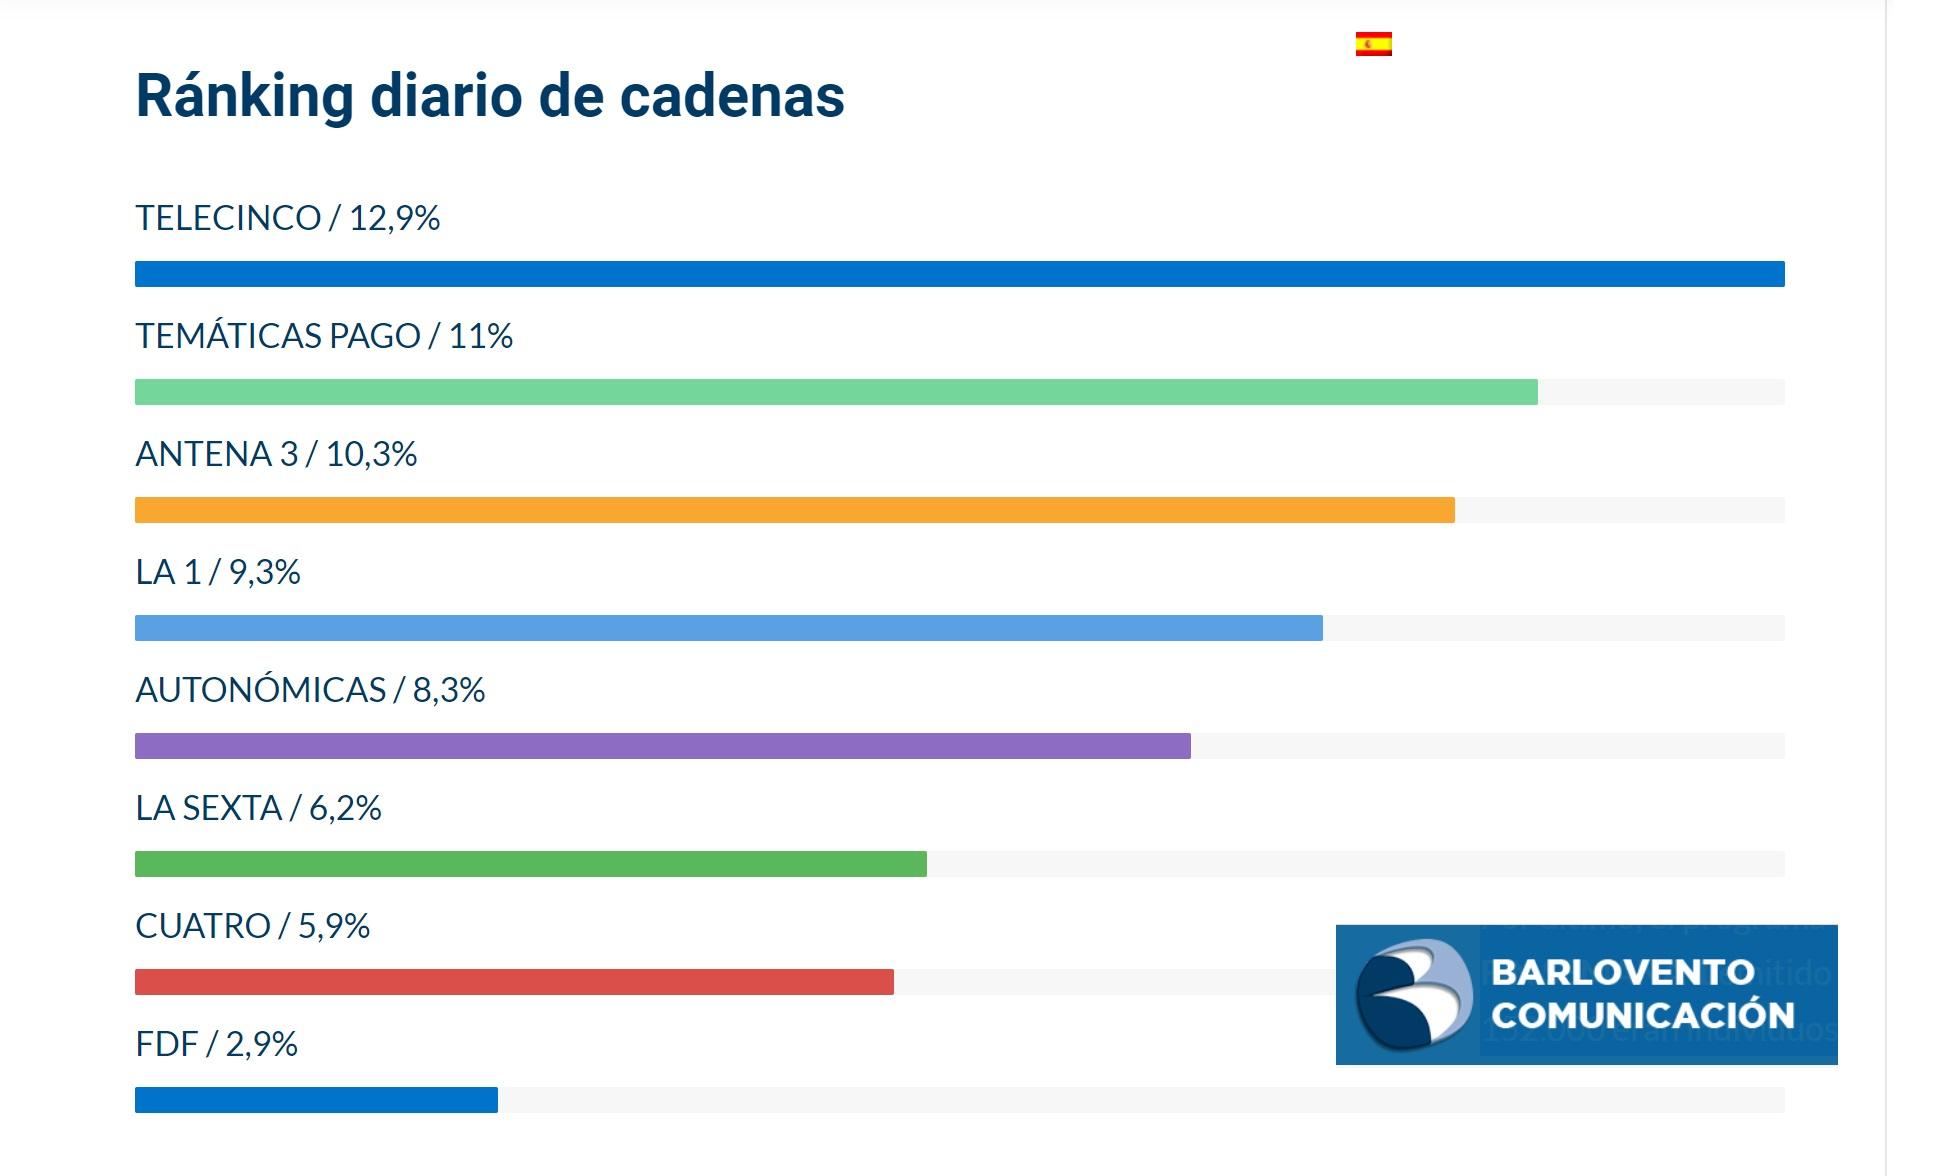 https://www.programapublicidad.com/wp-content/uploads/2020/01/ranking-diario-cadenas-tv-barlovento-18-enero-2020-programapublicidad.jpg